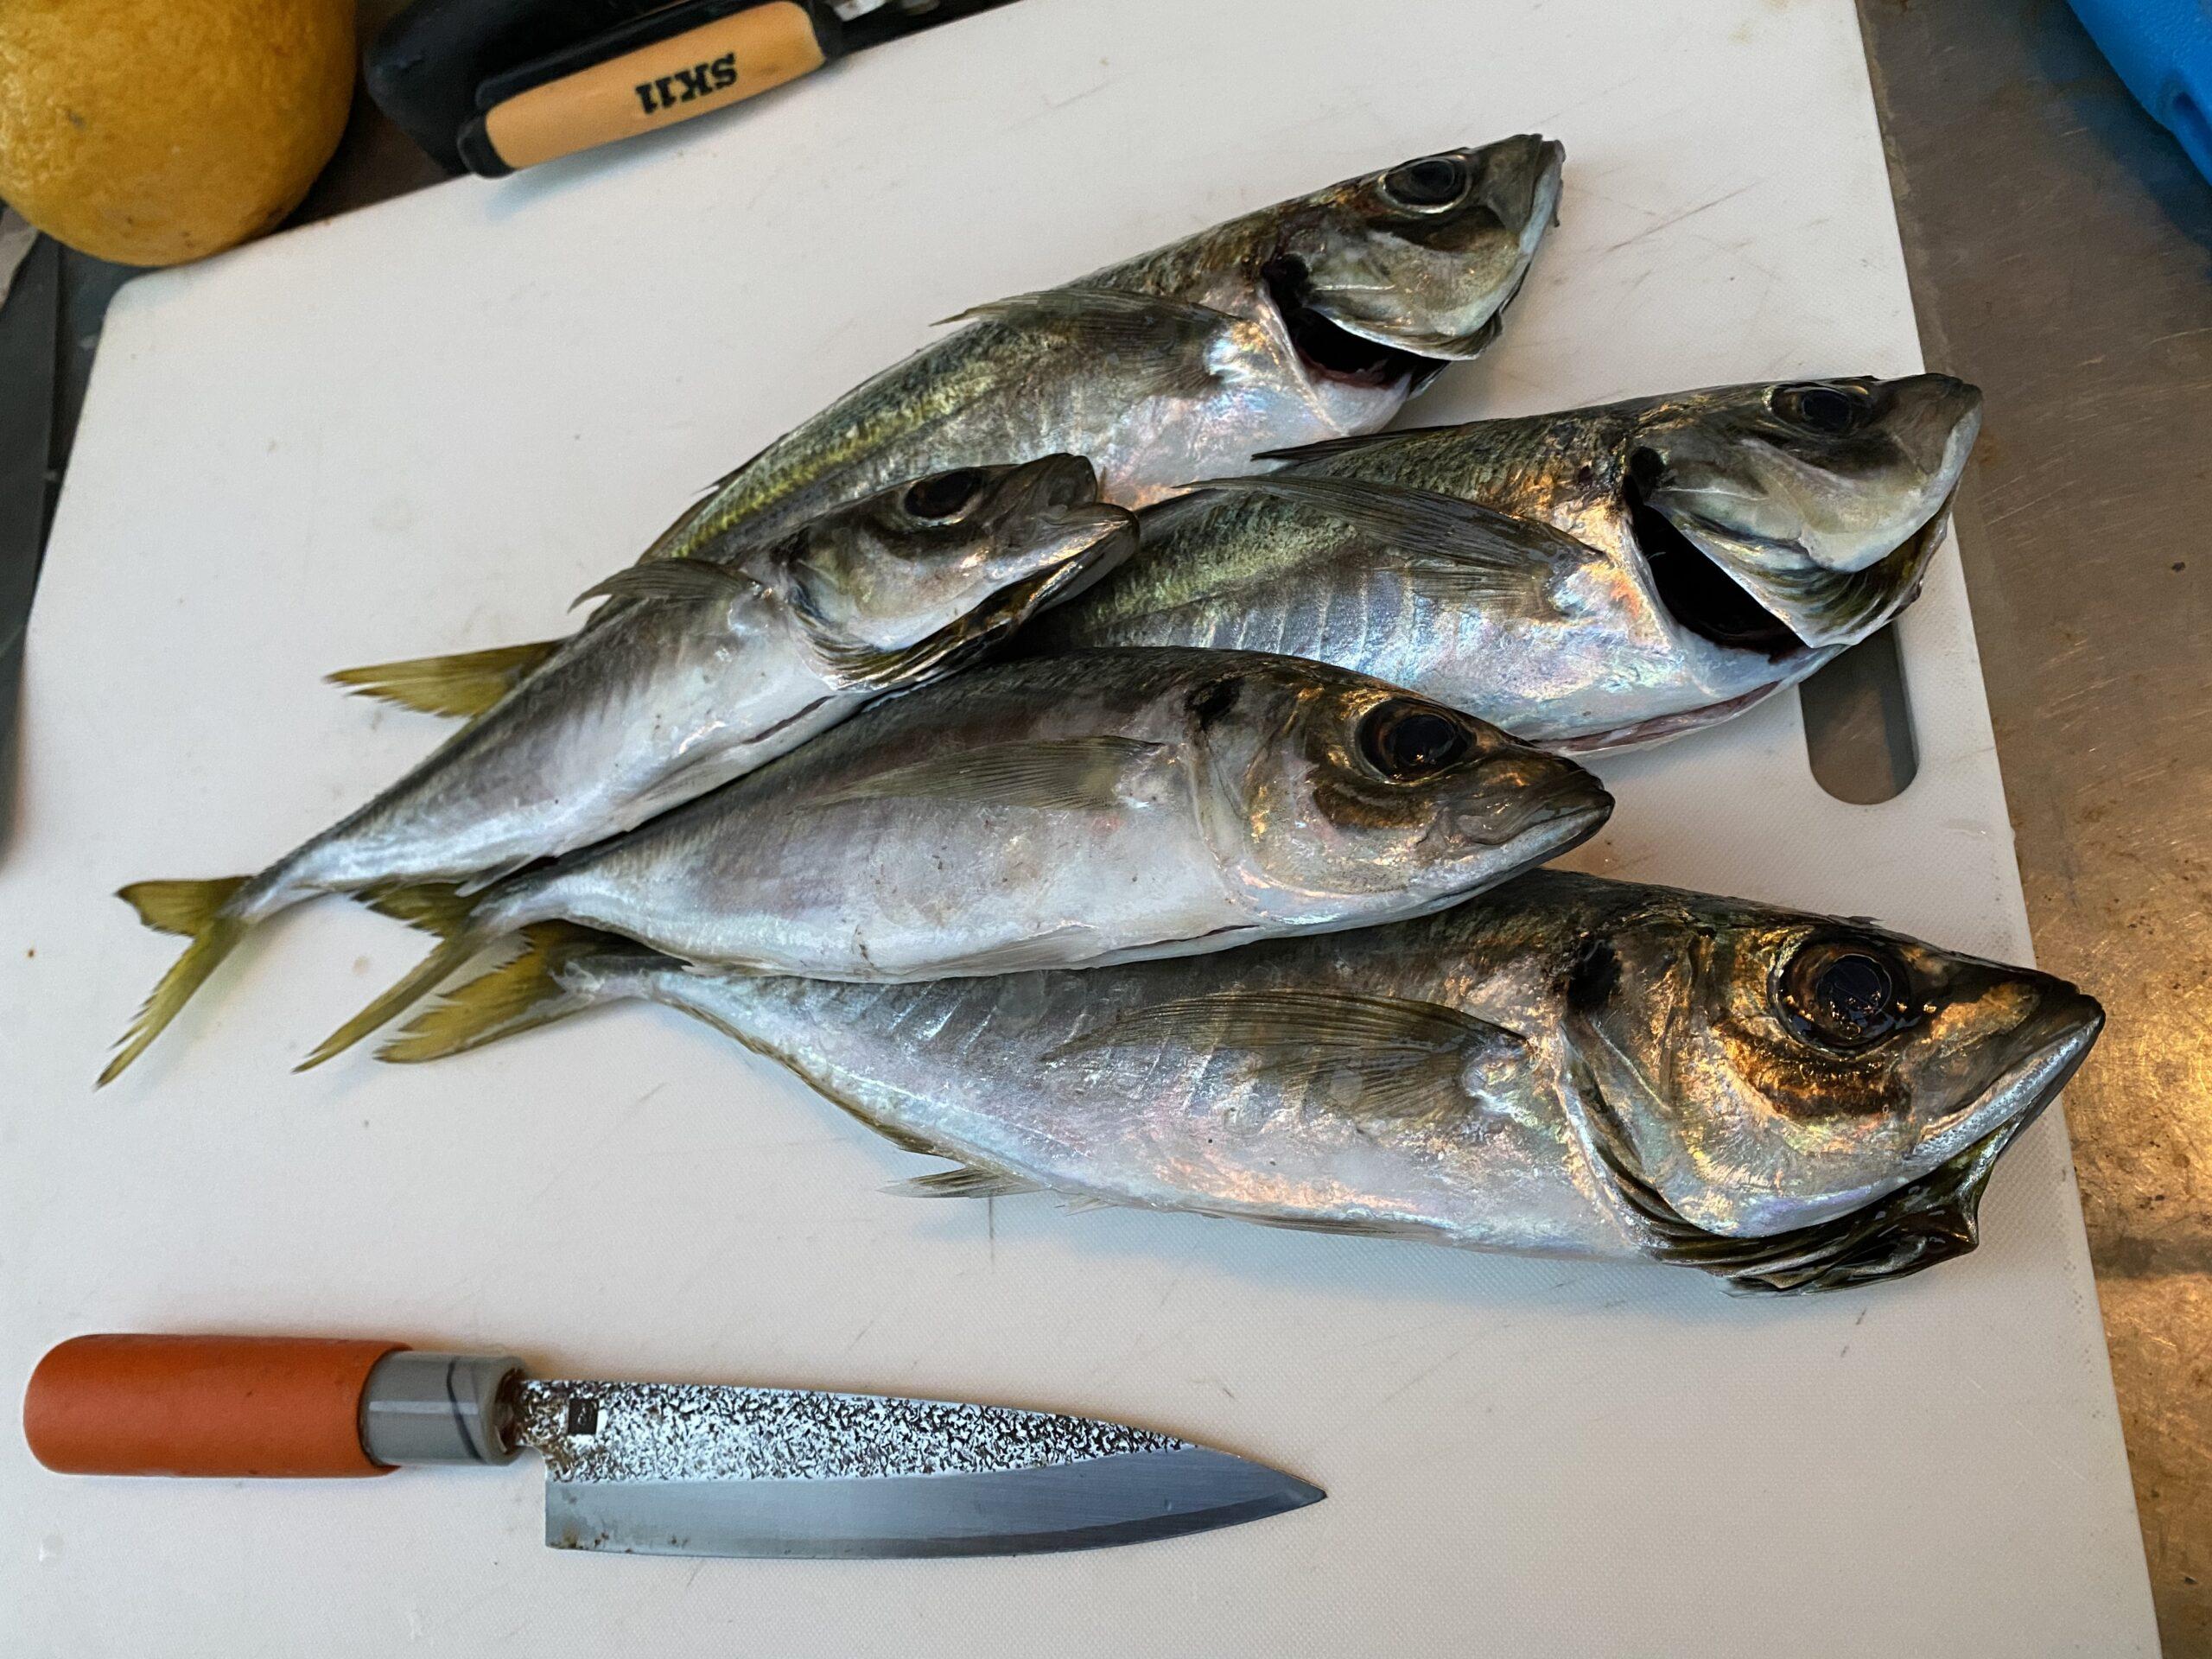 釣った魚はおいしく食べたい! 魚の熟成編!